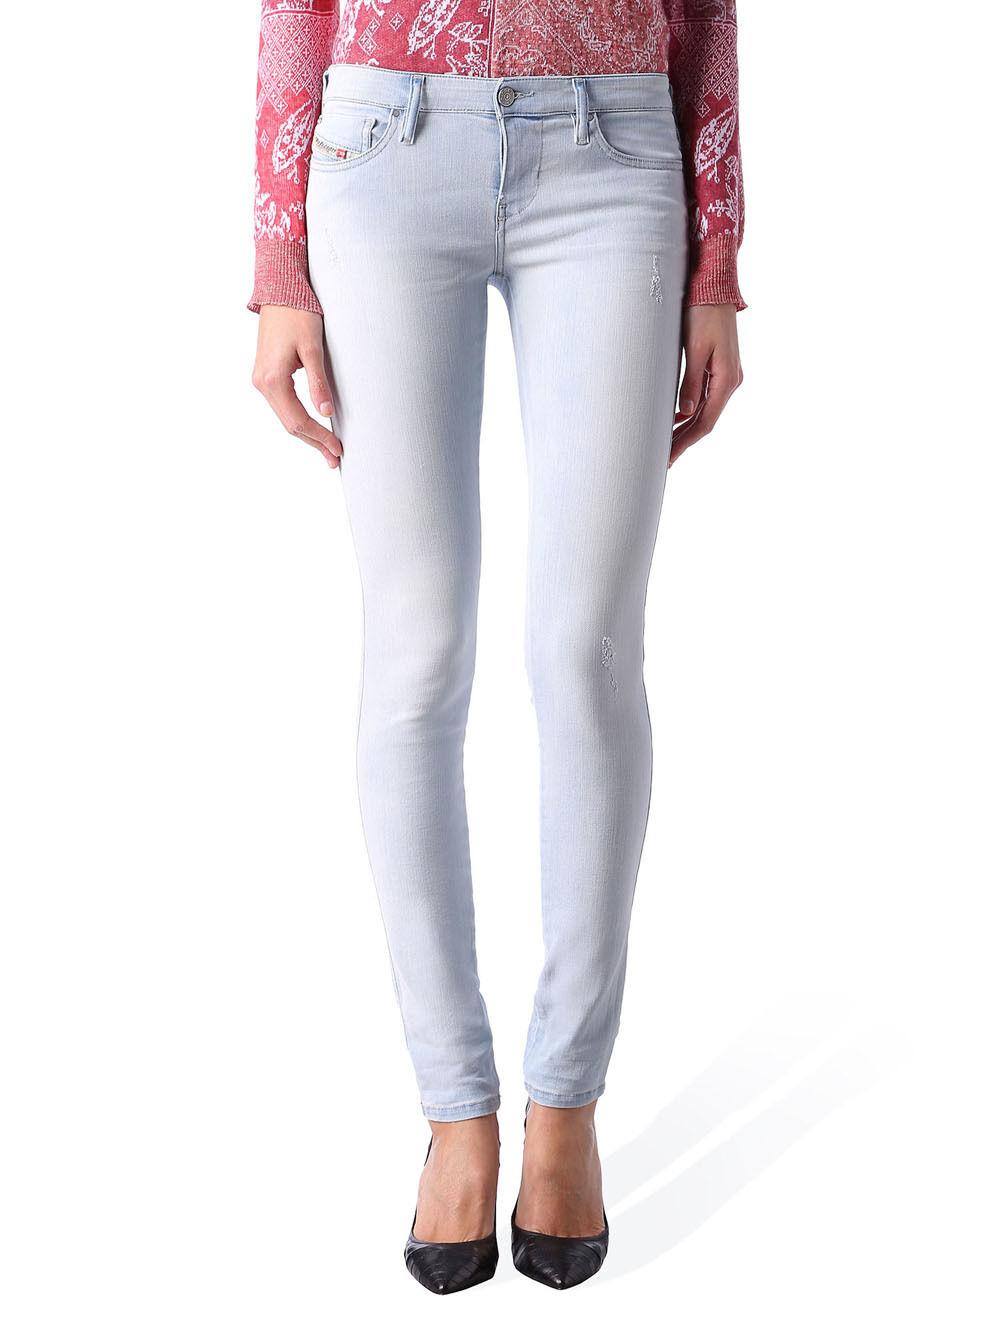 Diesel Skinzee-Low 0852q Ladies Jeans Trousers Skinny